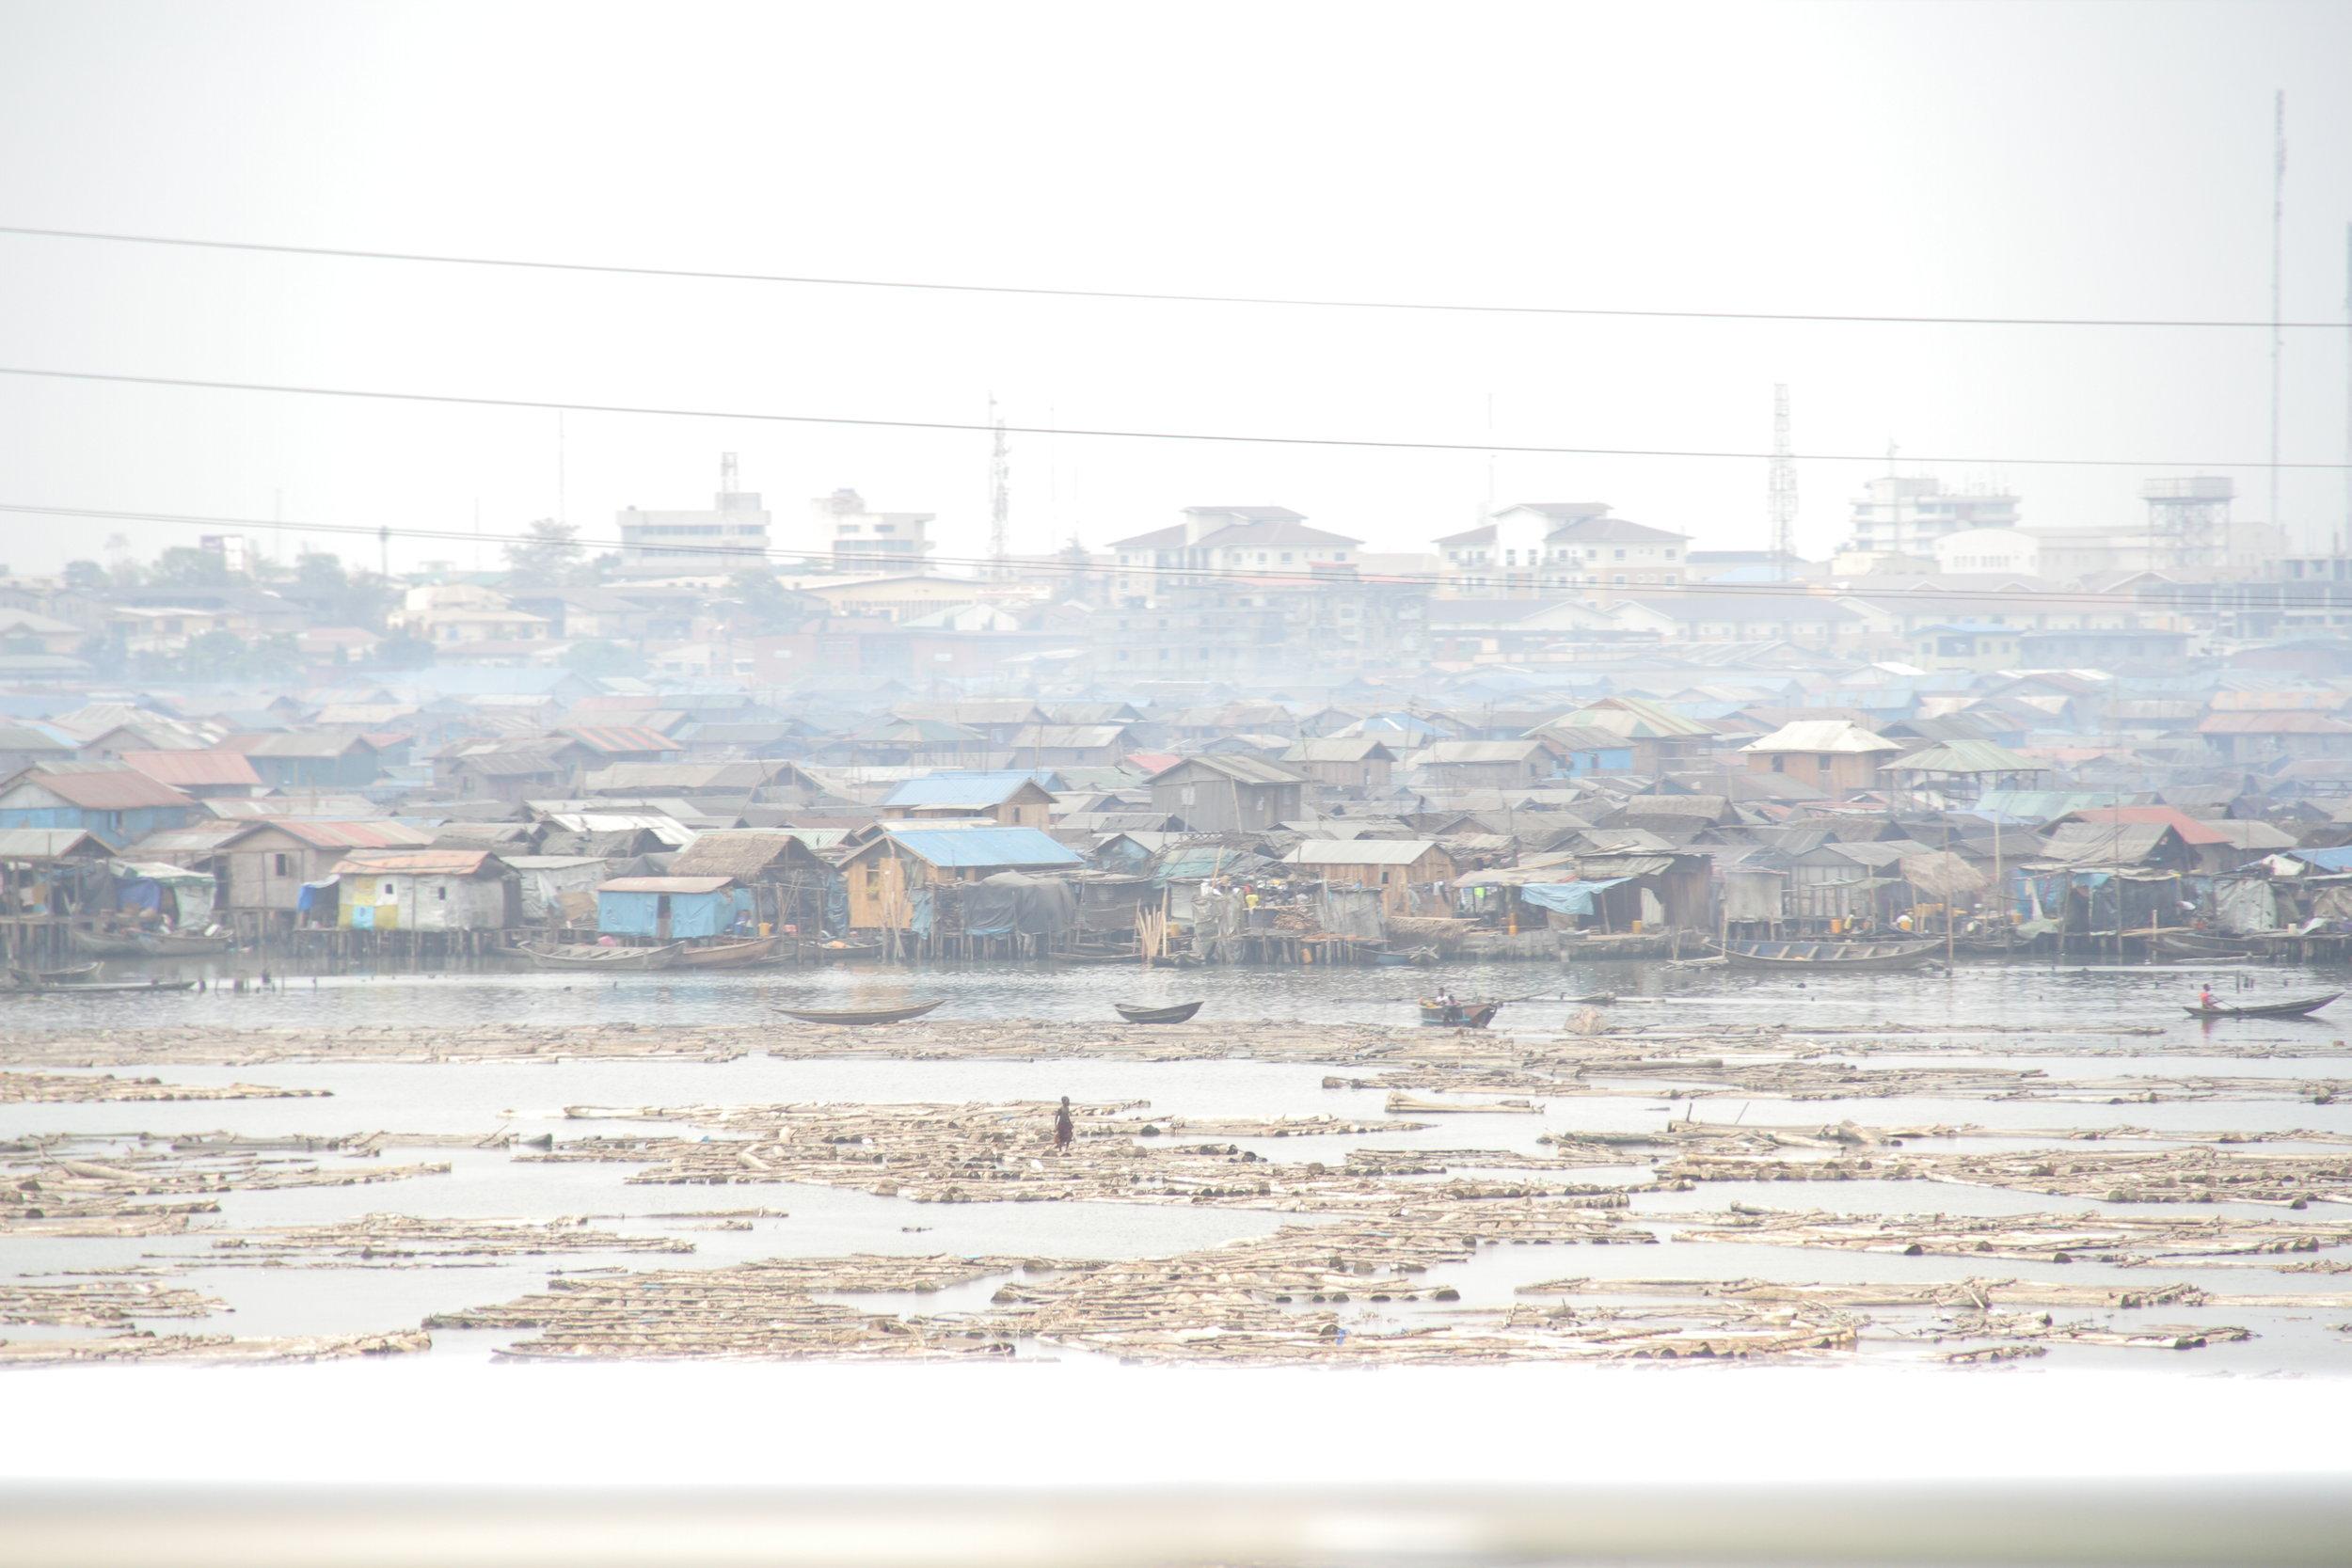 Slums of Lagos